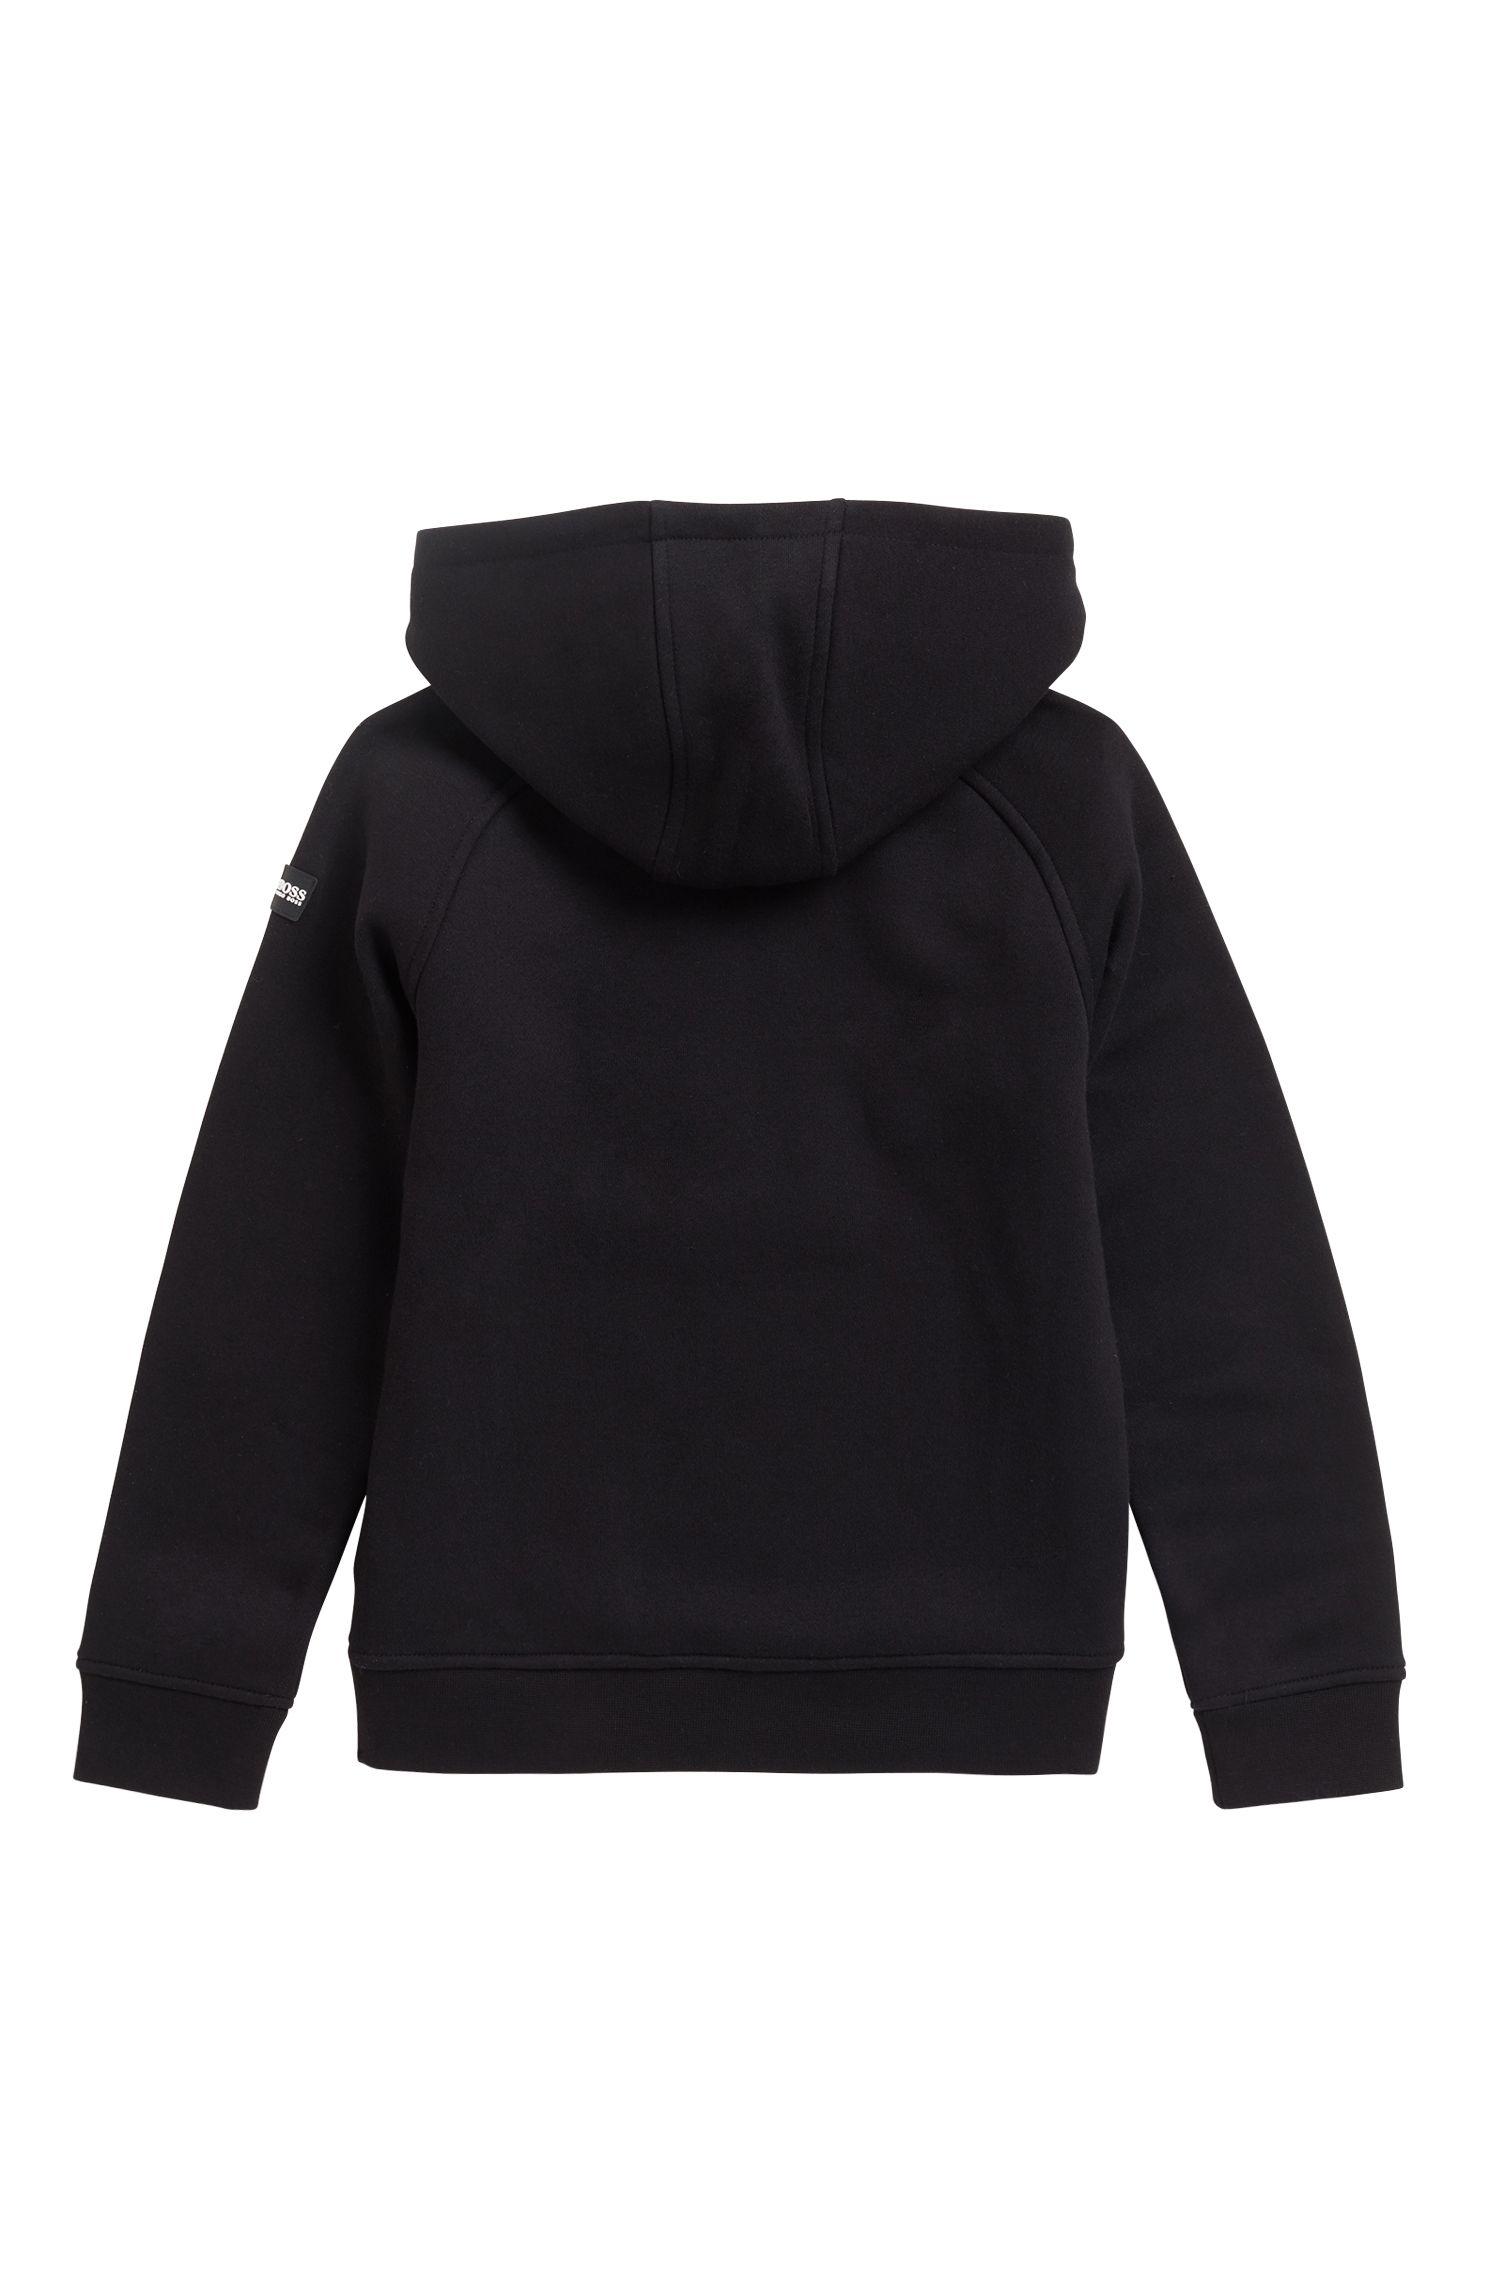 Sweat à capuche pour enfant en polaire de coton mélangé à logo imprimé fluo, Noir